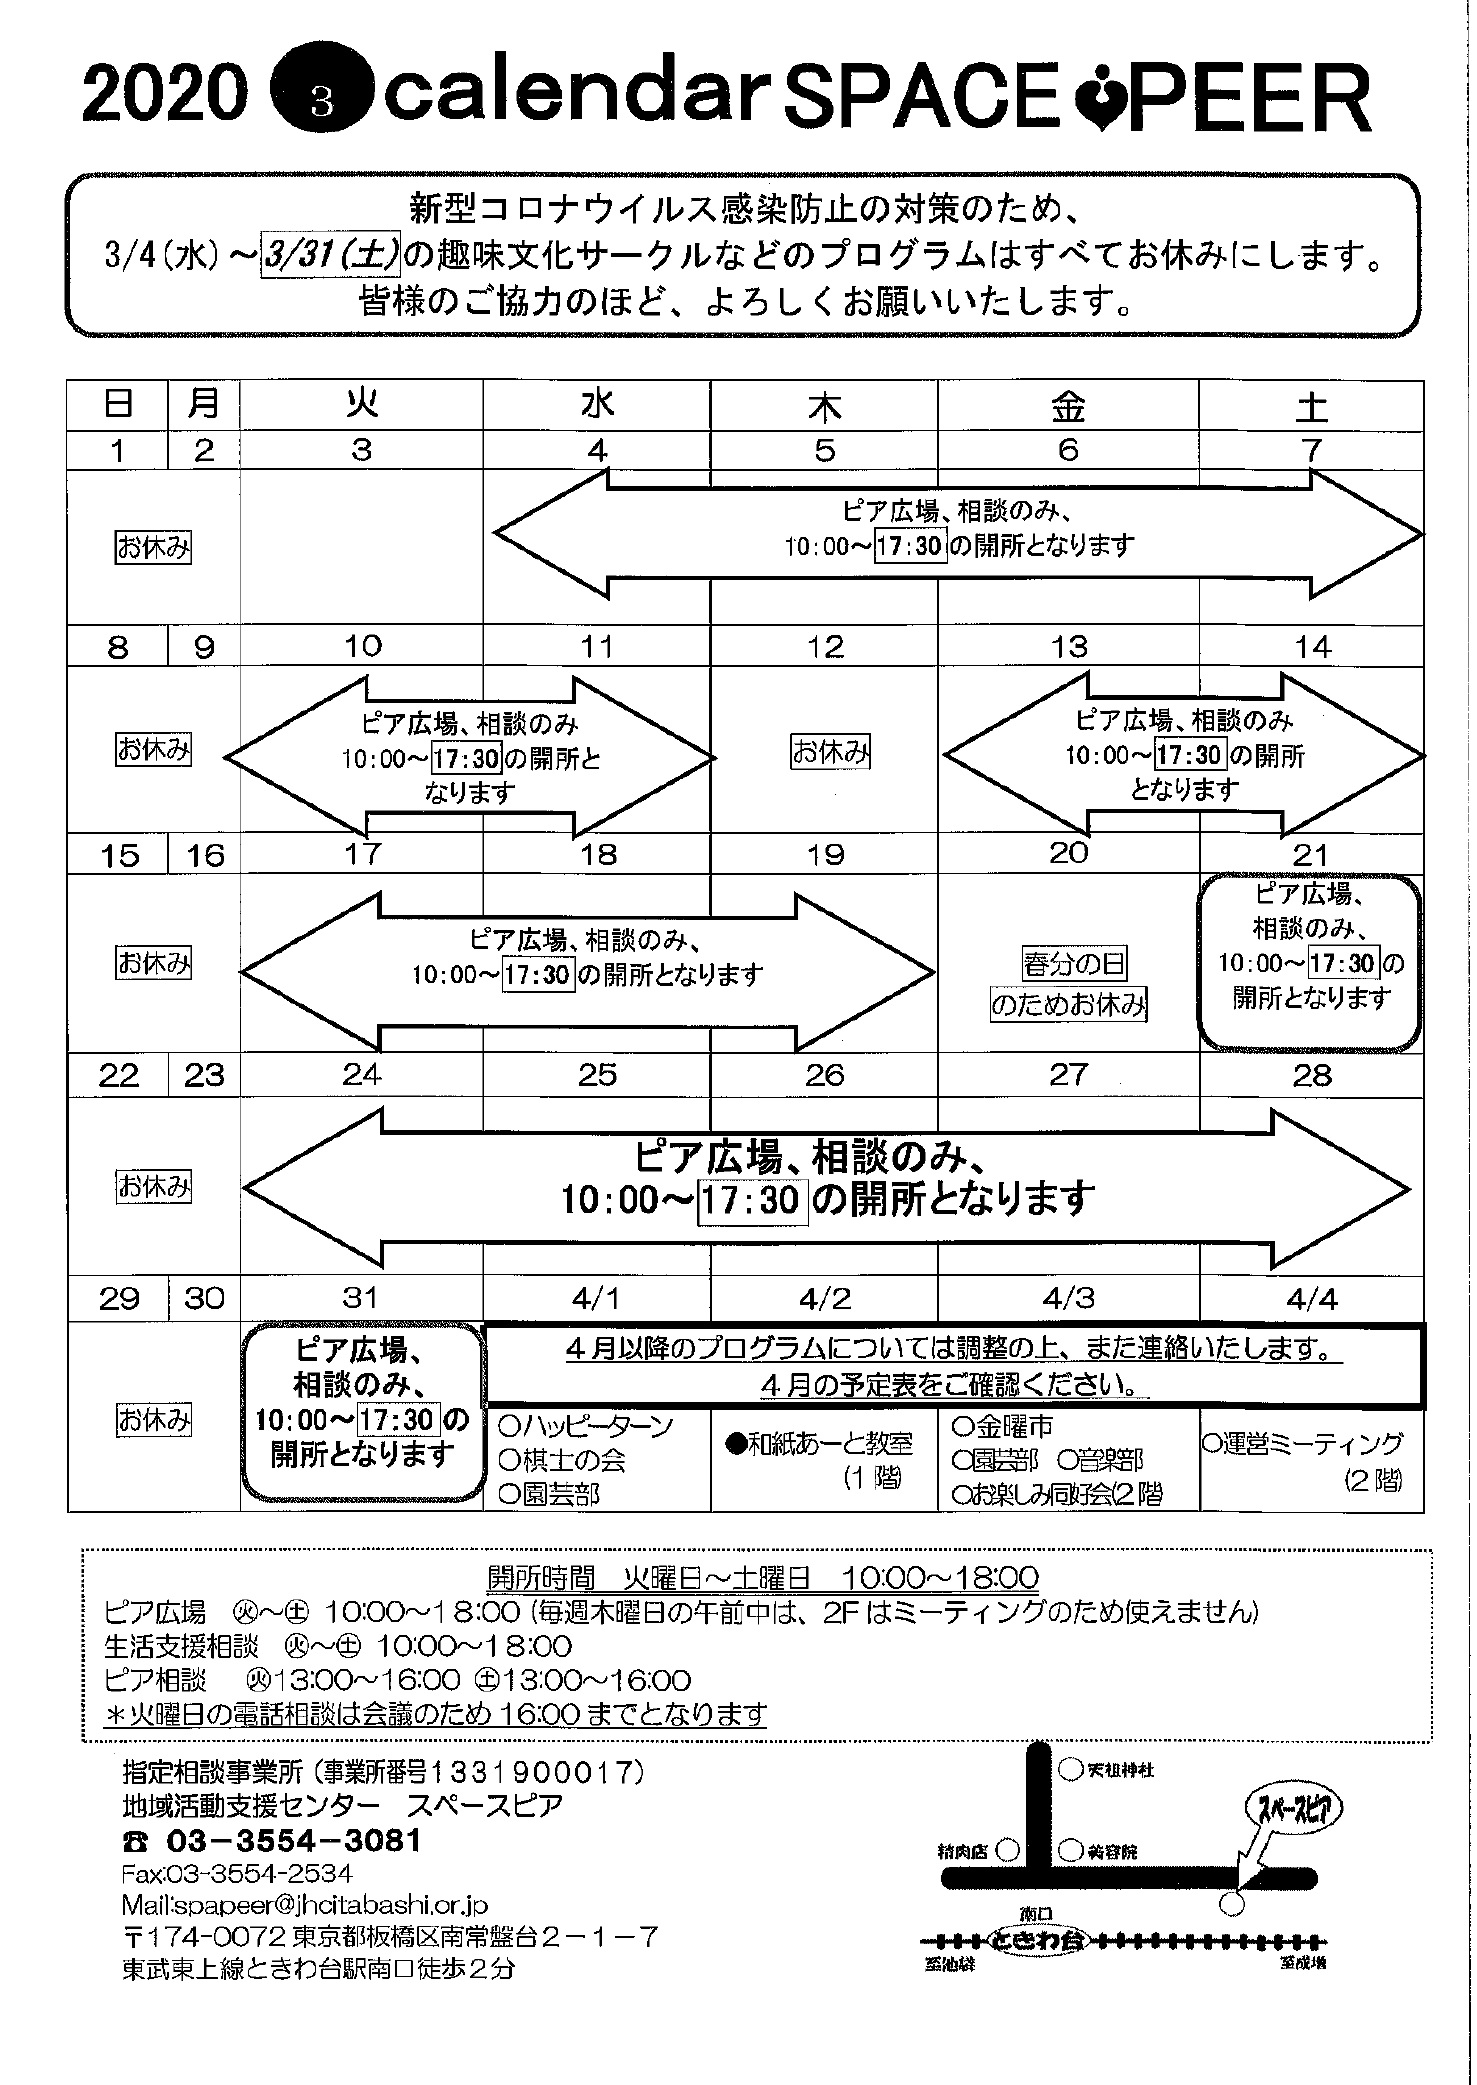 【3/11追記】3/4(水)~3/31(火)プログラムお休み、開所時間変更のお知らせ